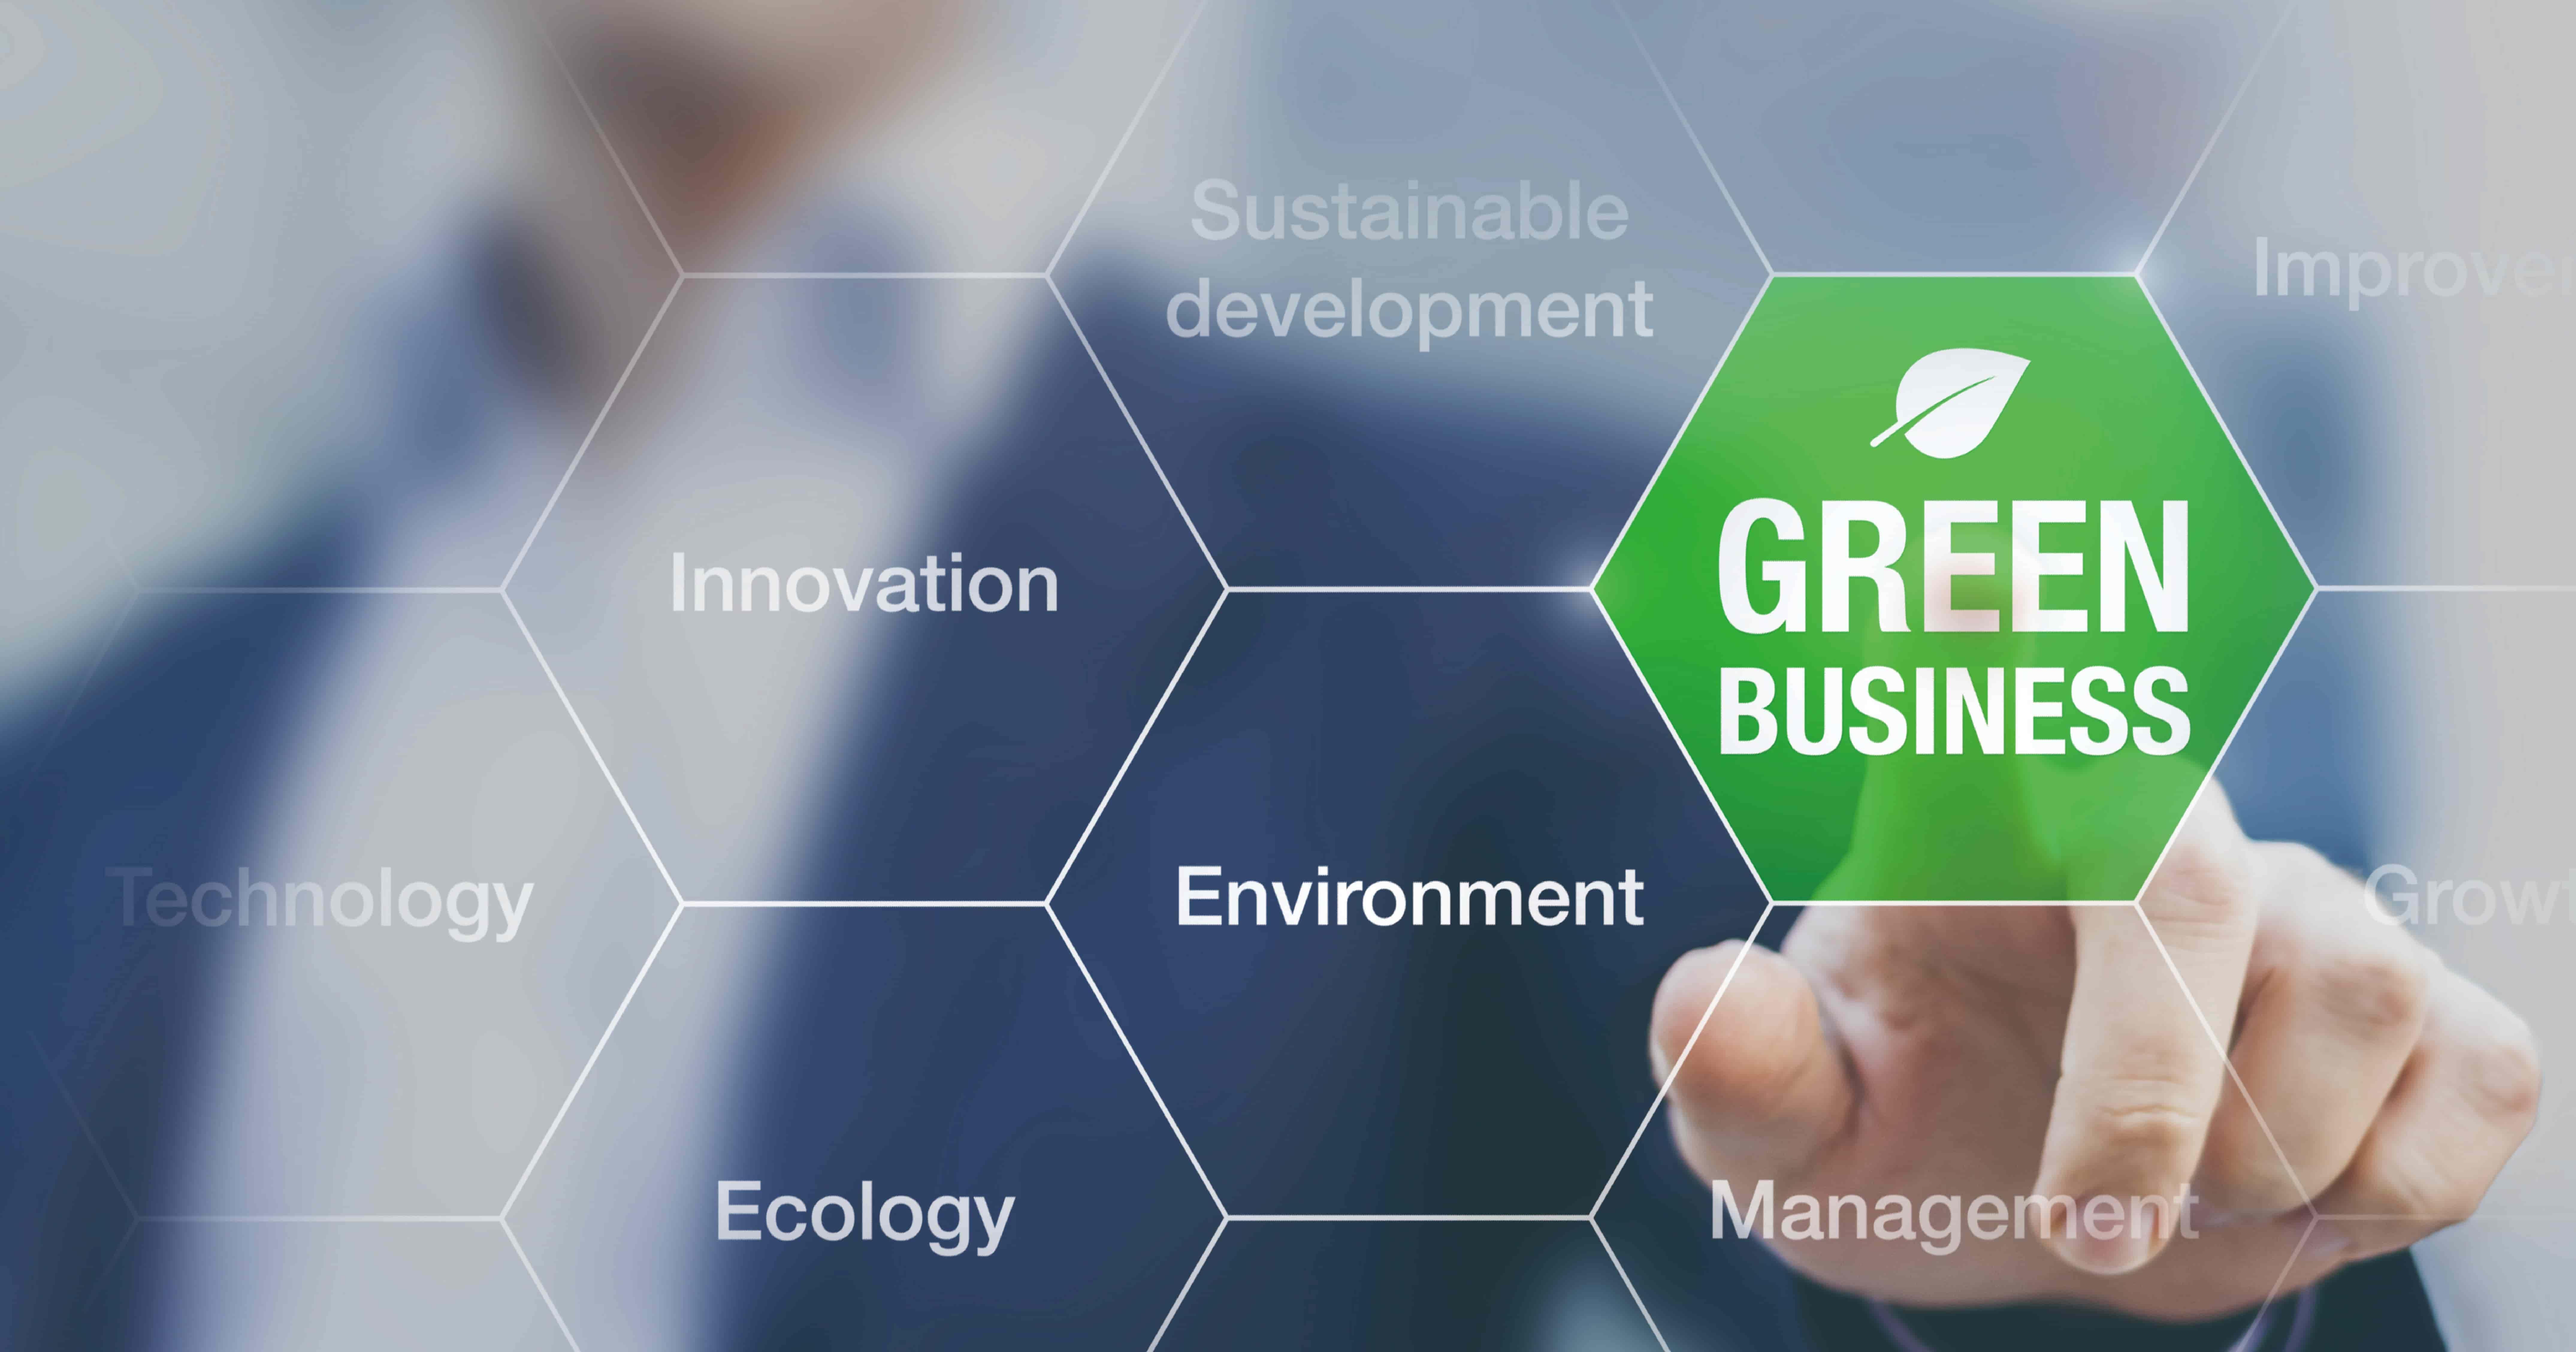 「綠色辦公室」了沒?一次搞懂為何噴墨科技對環境更友善